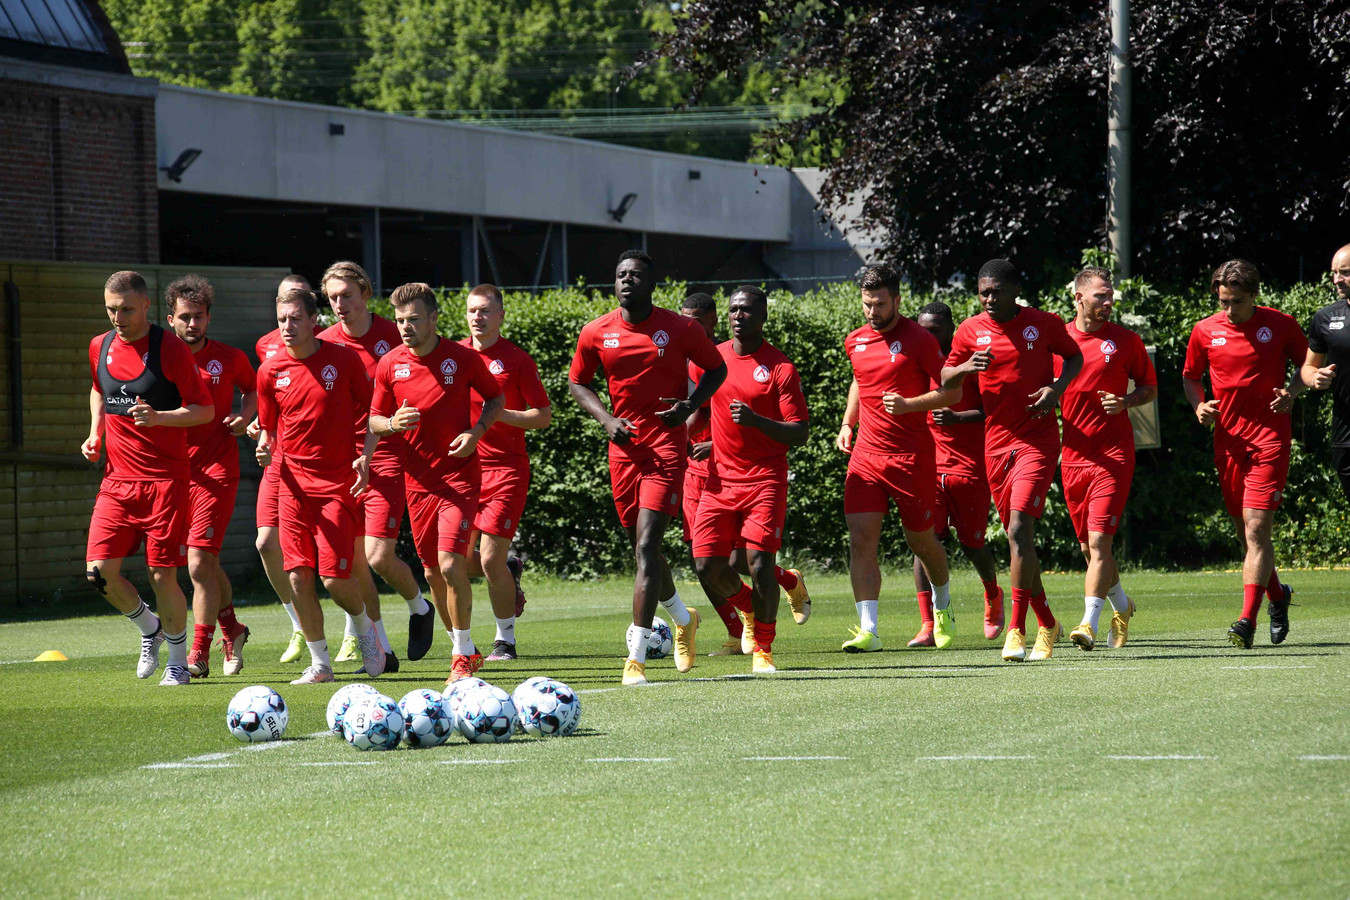 De spelersgroep van KV Kortrijk was allesbehalve voltallig tijdens de eerste training.